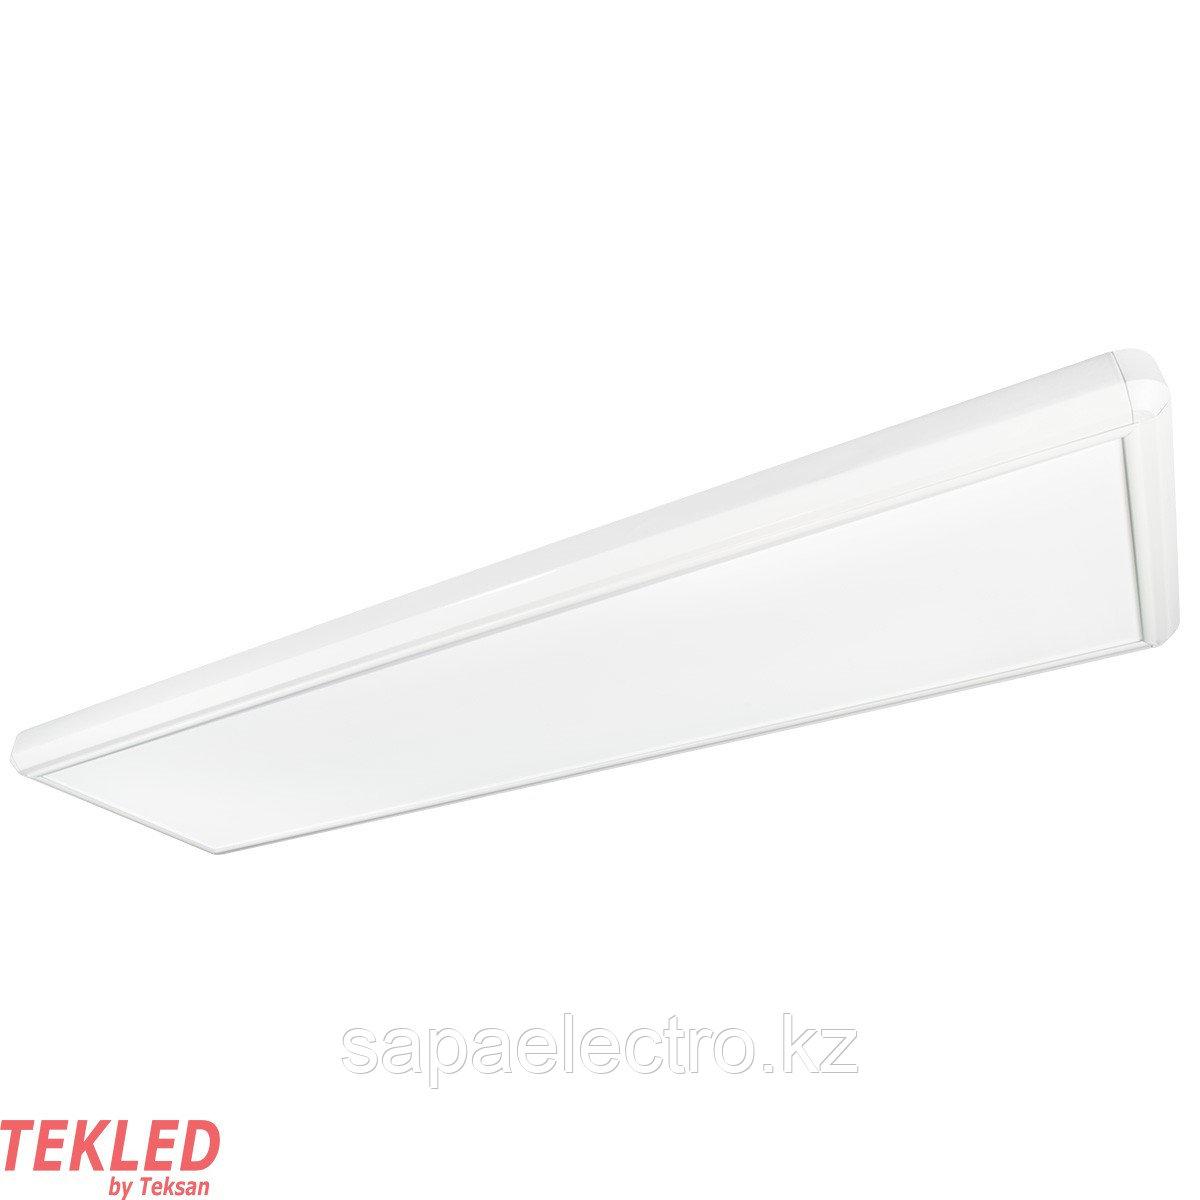 Св-к OPALLED 8X9W/LZN 236 DETAY накл-й MEGALUX